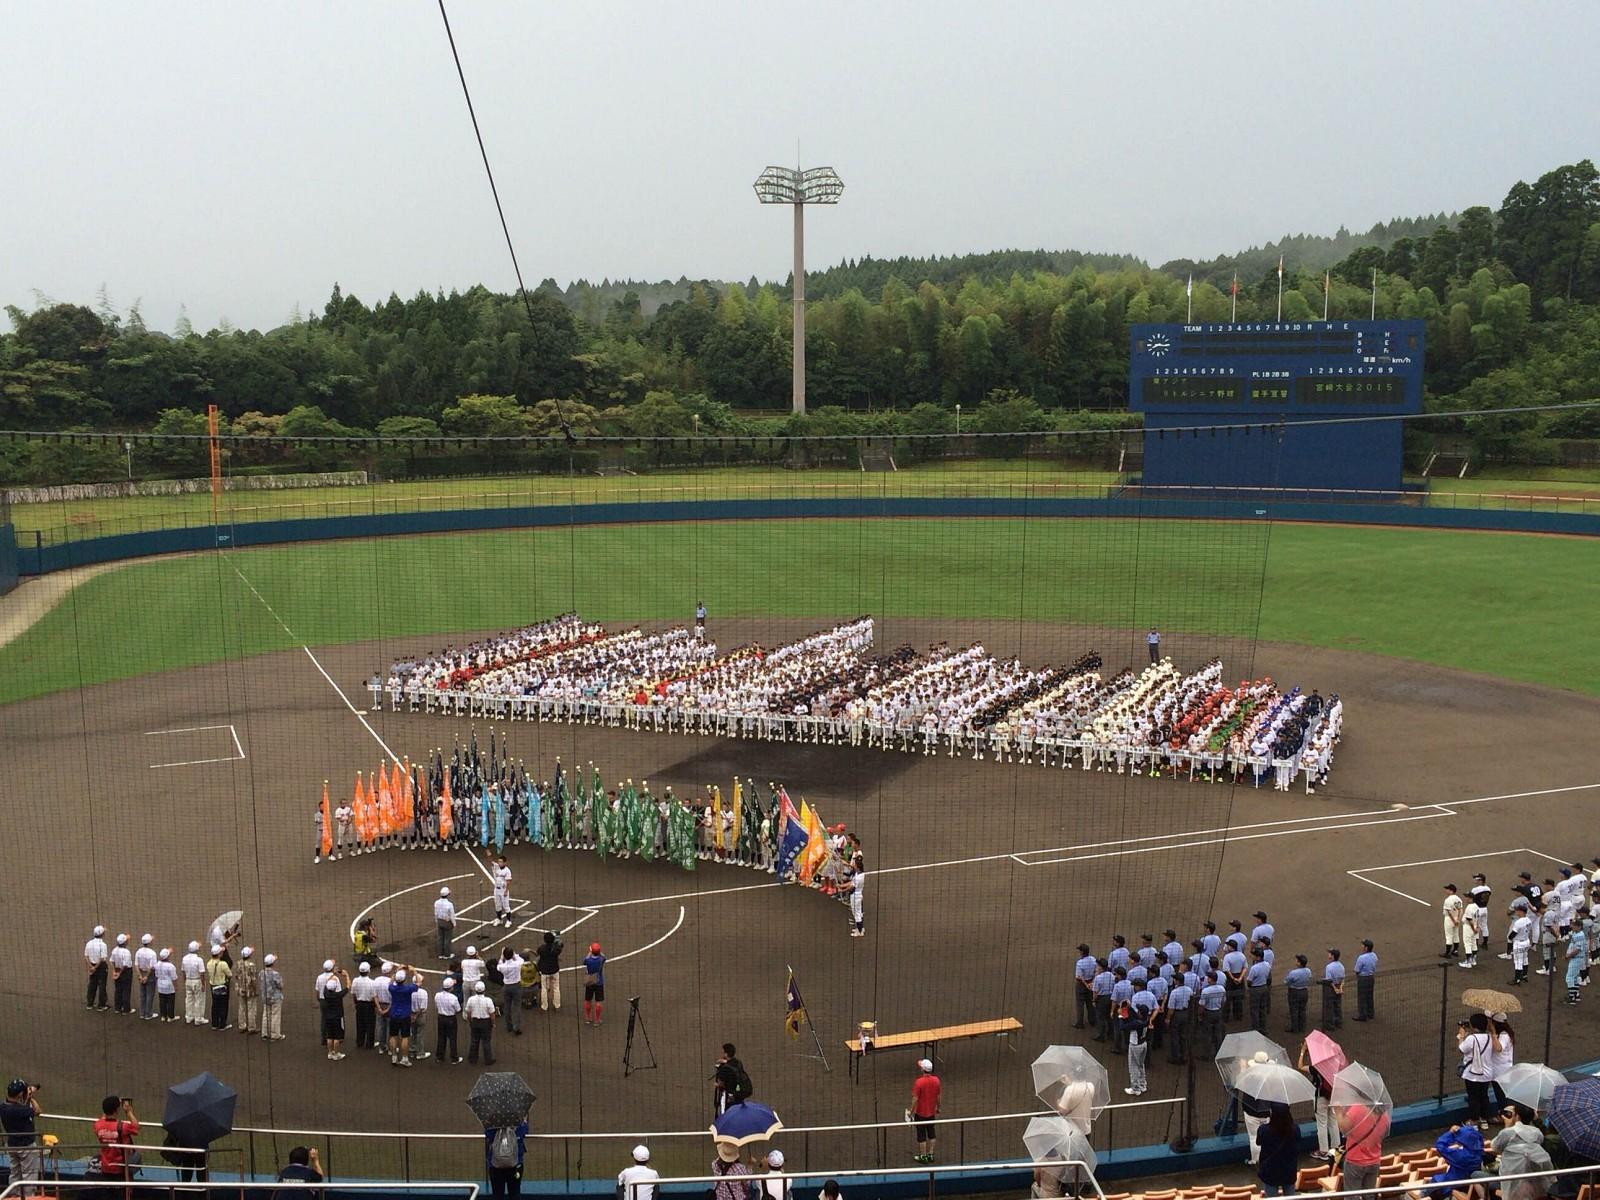 2015.08.17 東アジアリトルシニア野球宮崎大会2015 開会式